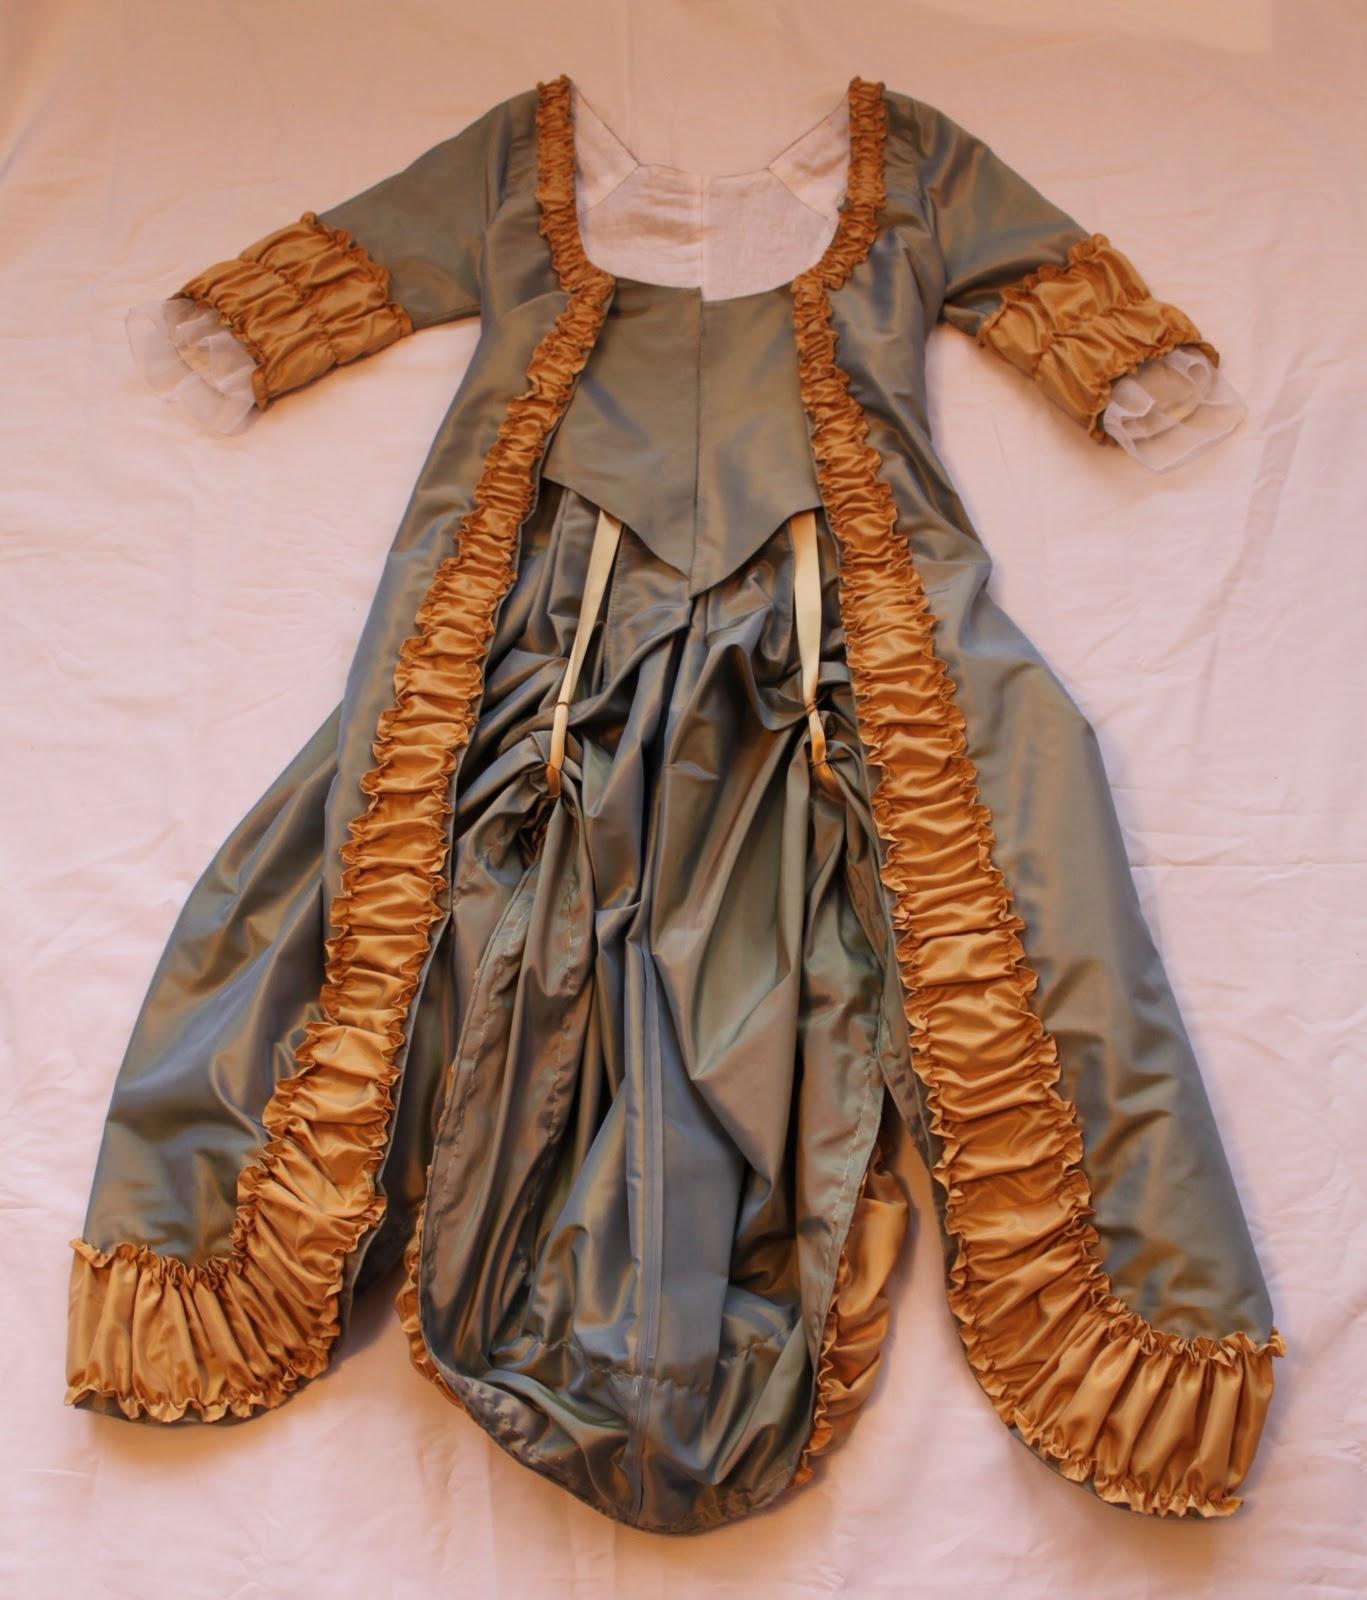 Robe A La Polonaise: Diary Of A Mantua Maker: Robe A La Polonaise